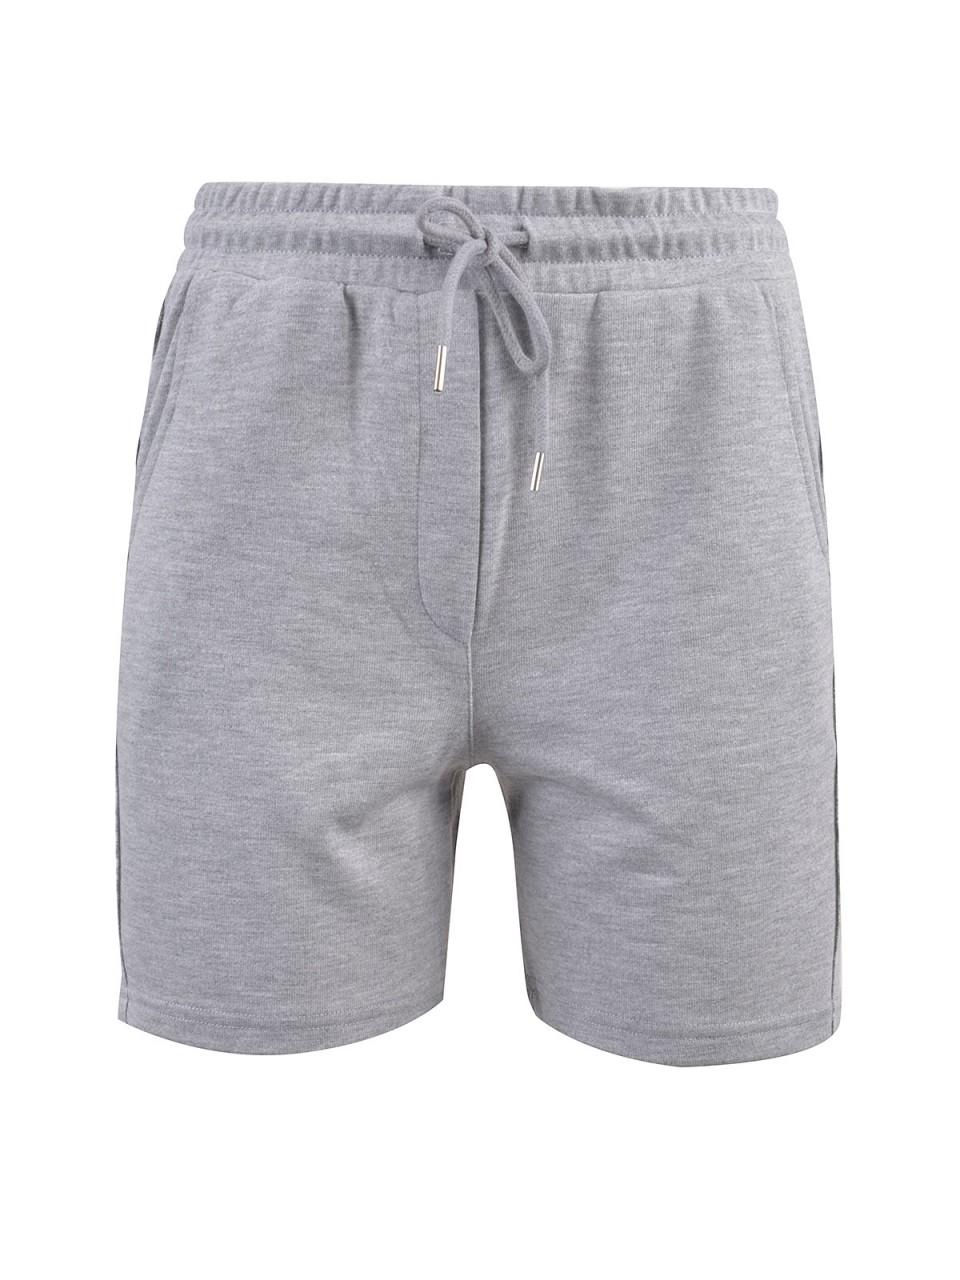 Hosen - SMITH SOUL Damen Shorts, grau  - Onlineshop Designermode.com